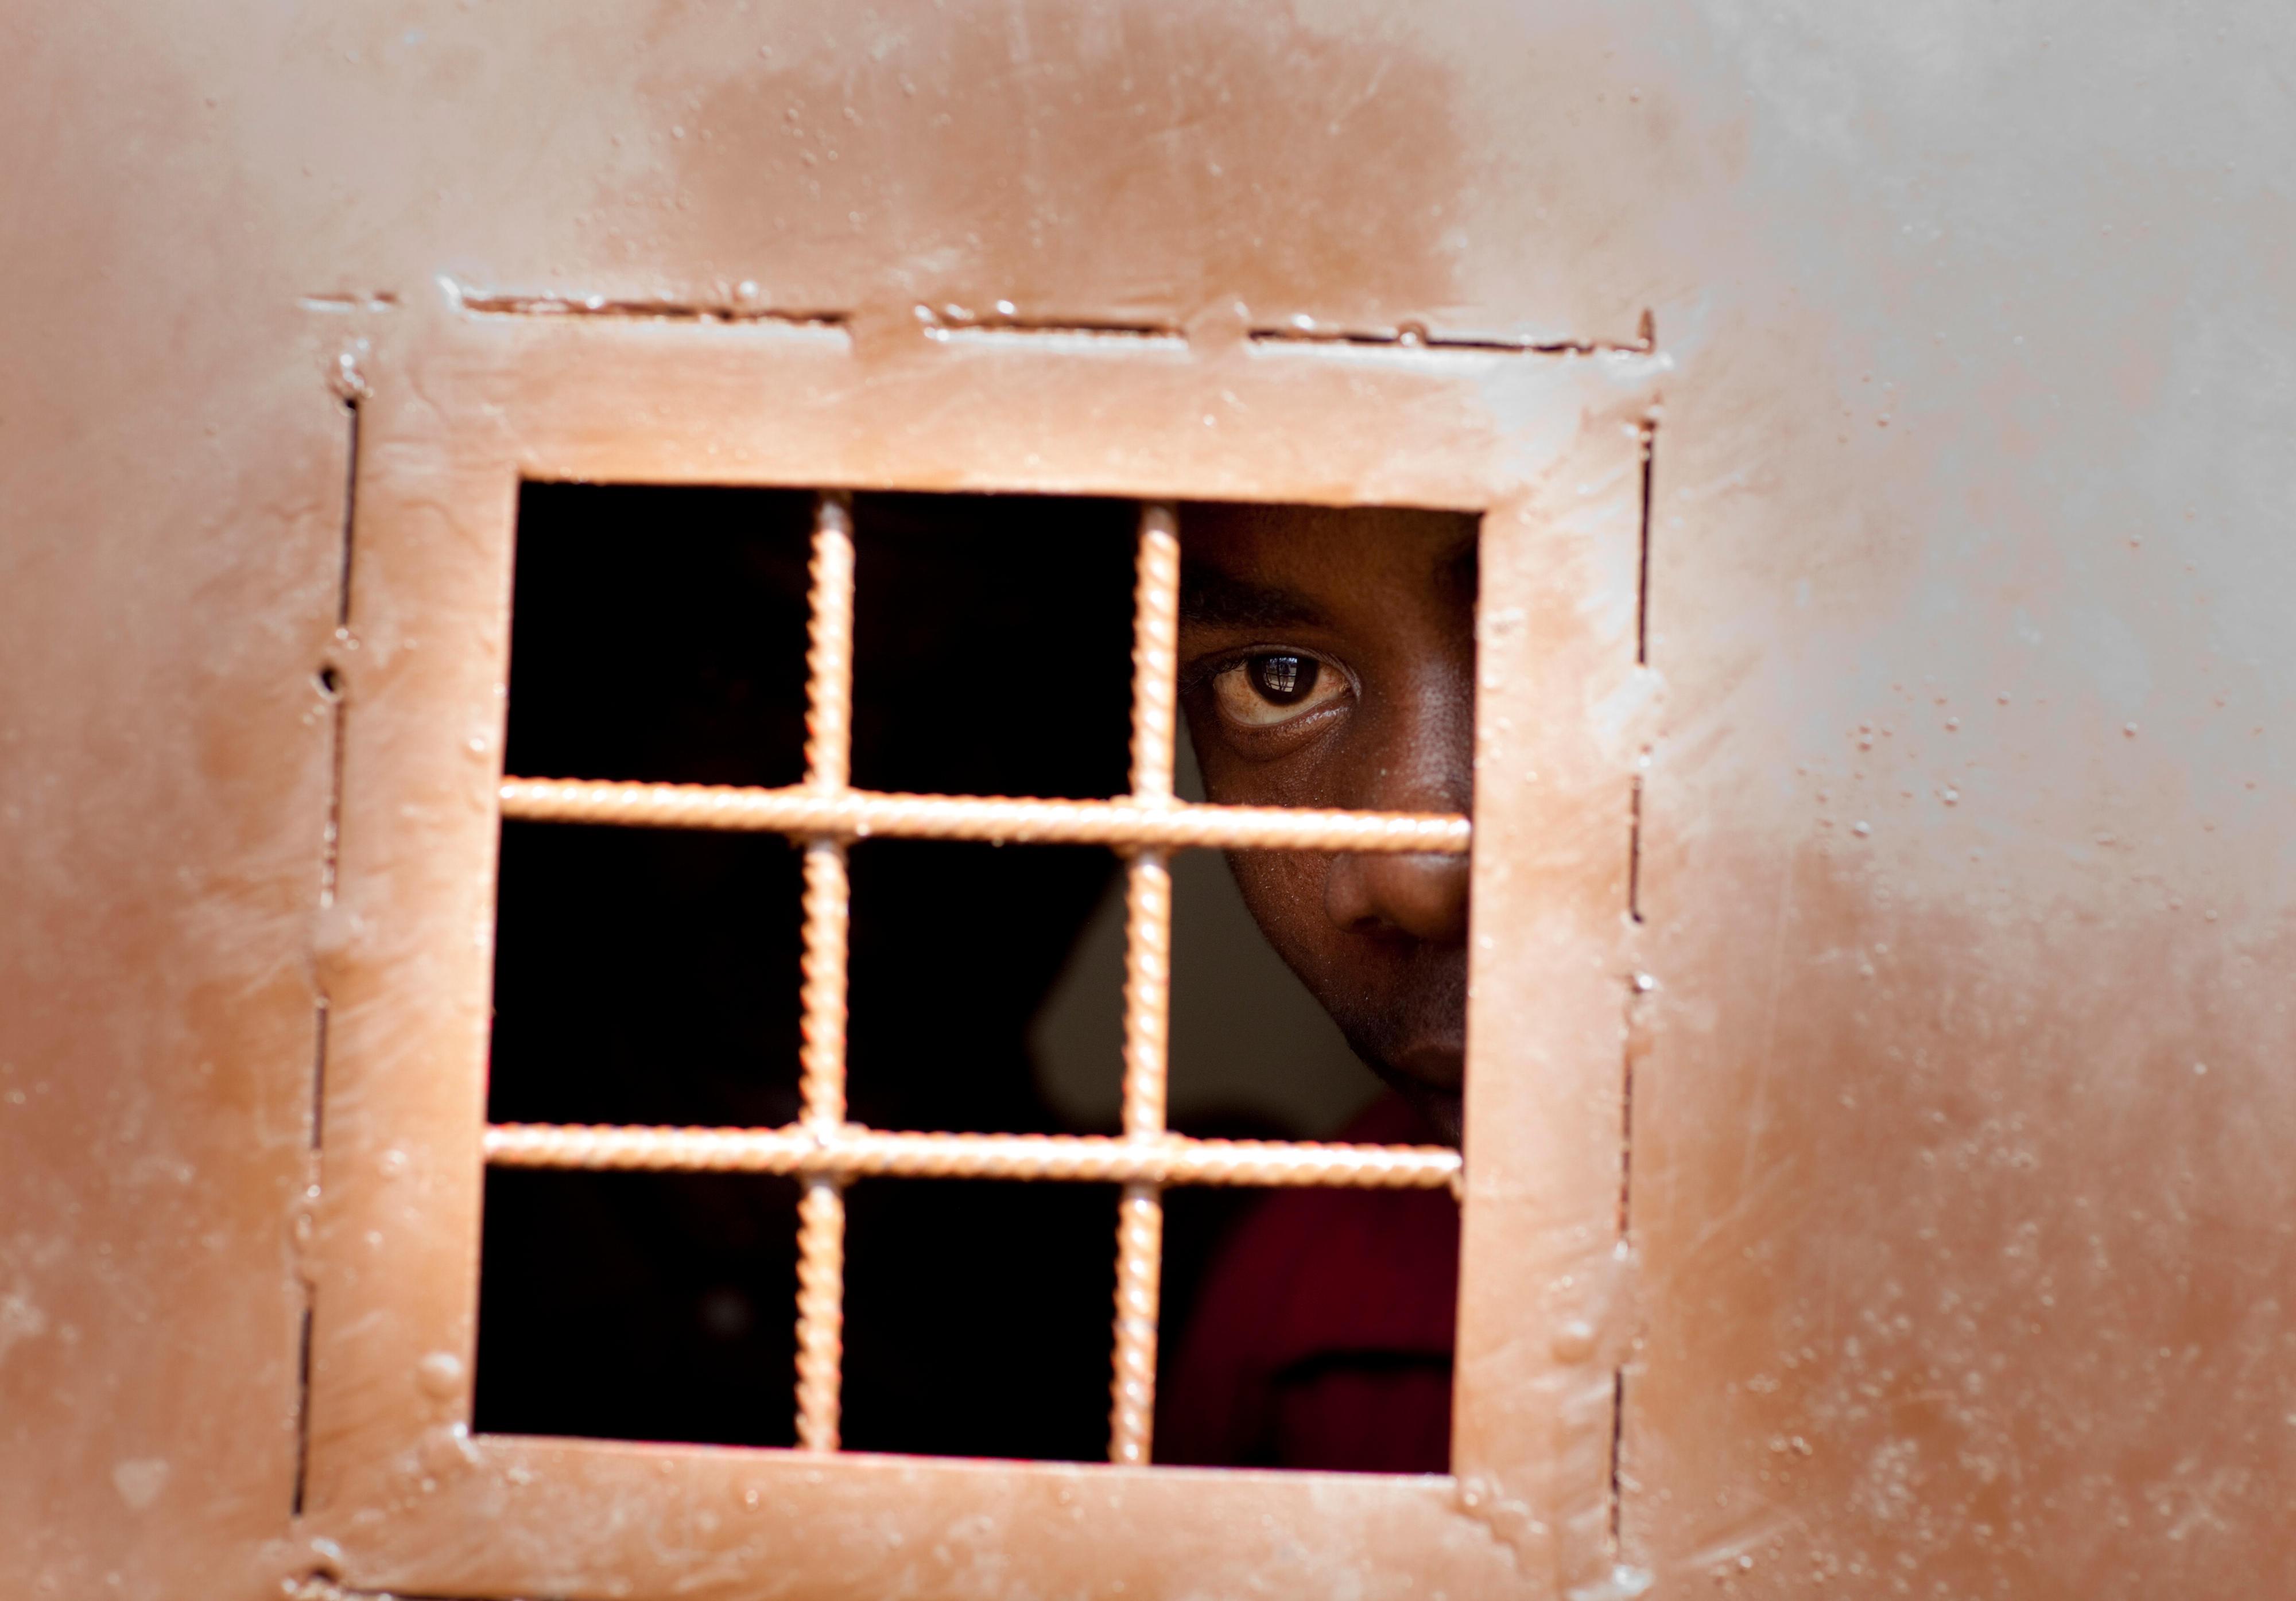 Häftling in Bujumbura, Burundi